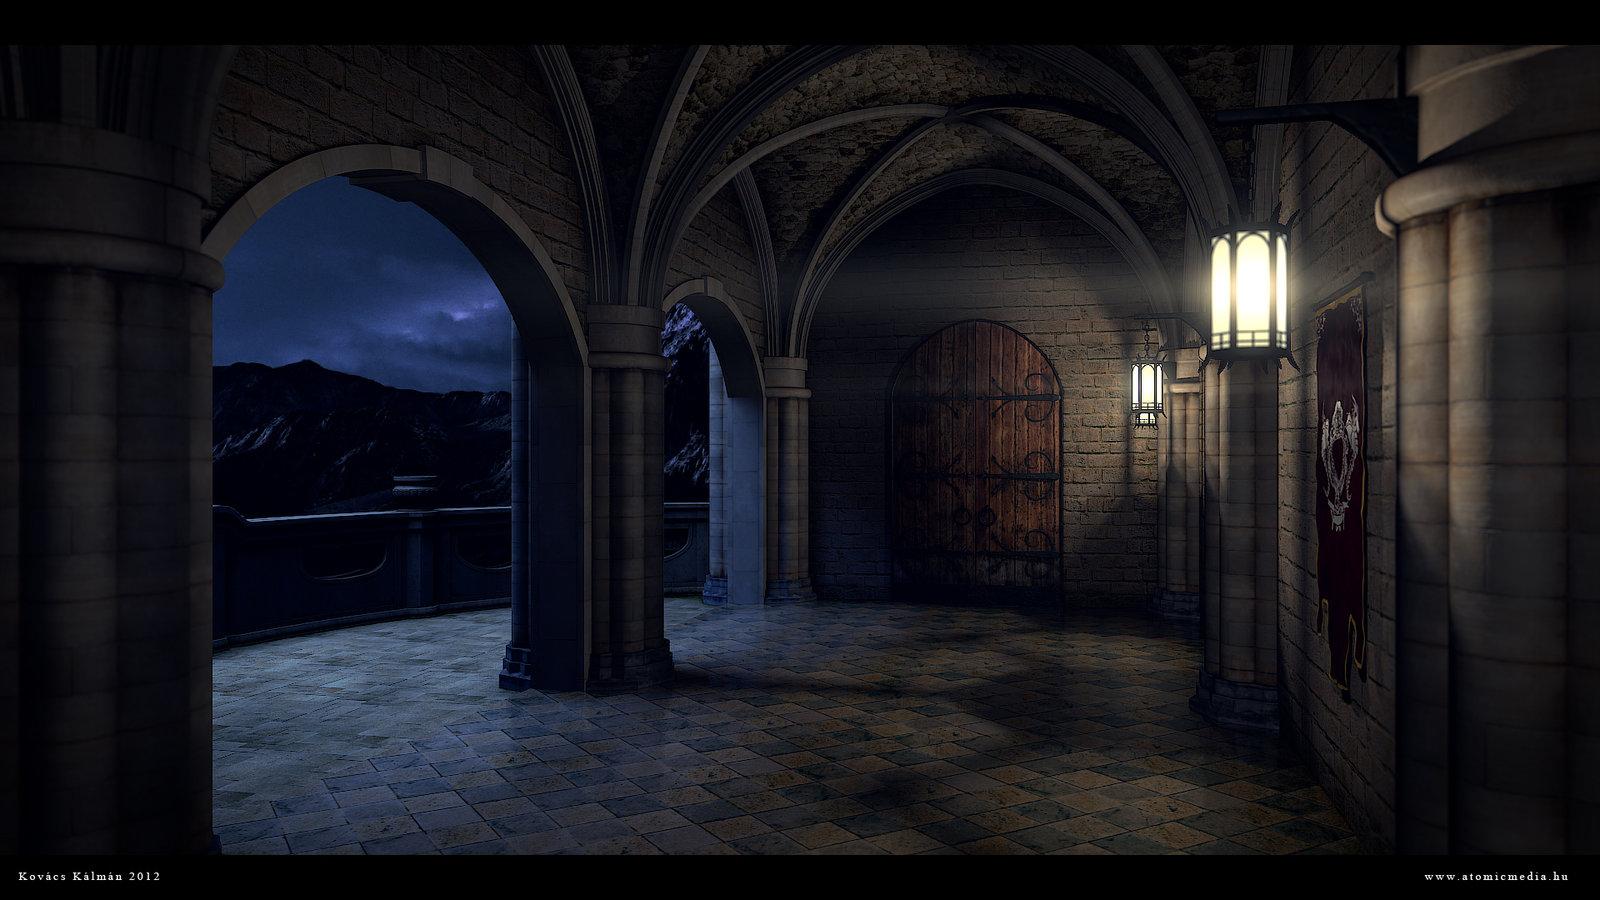 fantasy_castle_night_by_djsaman-d4lk8cm.jpg